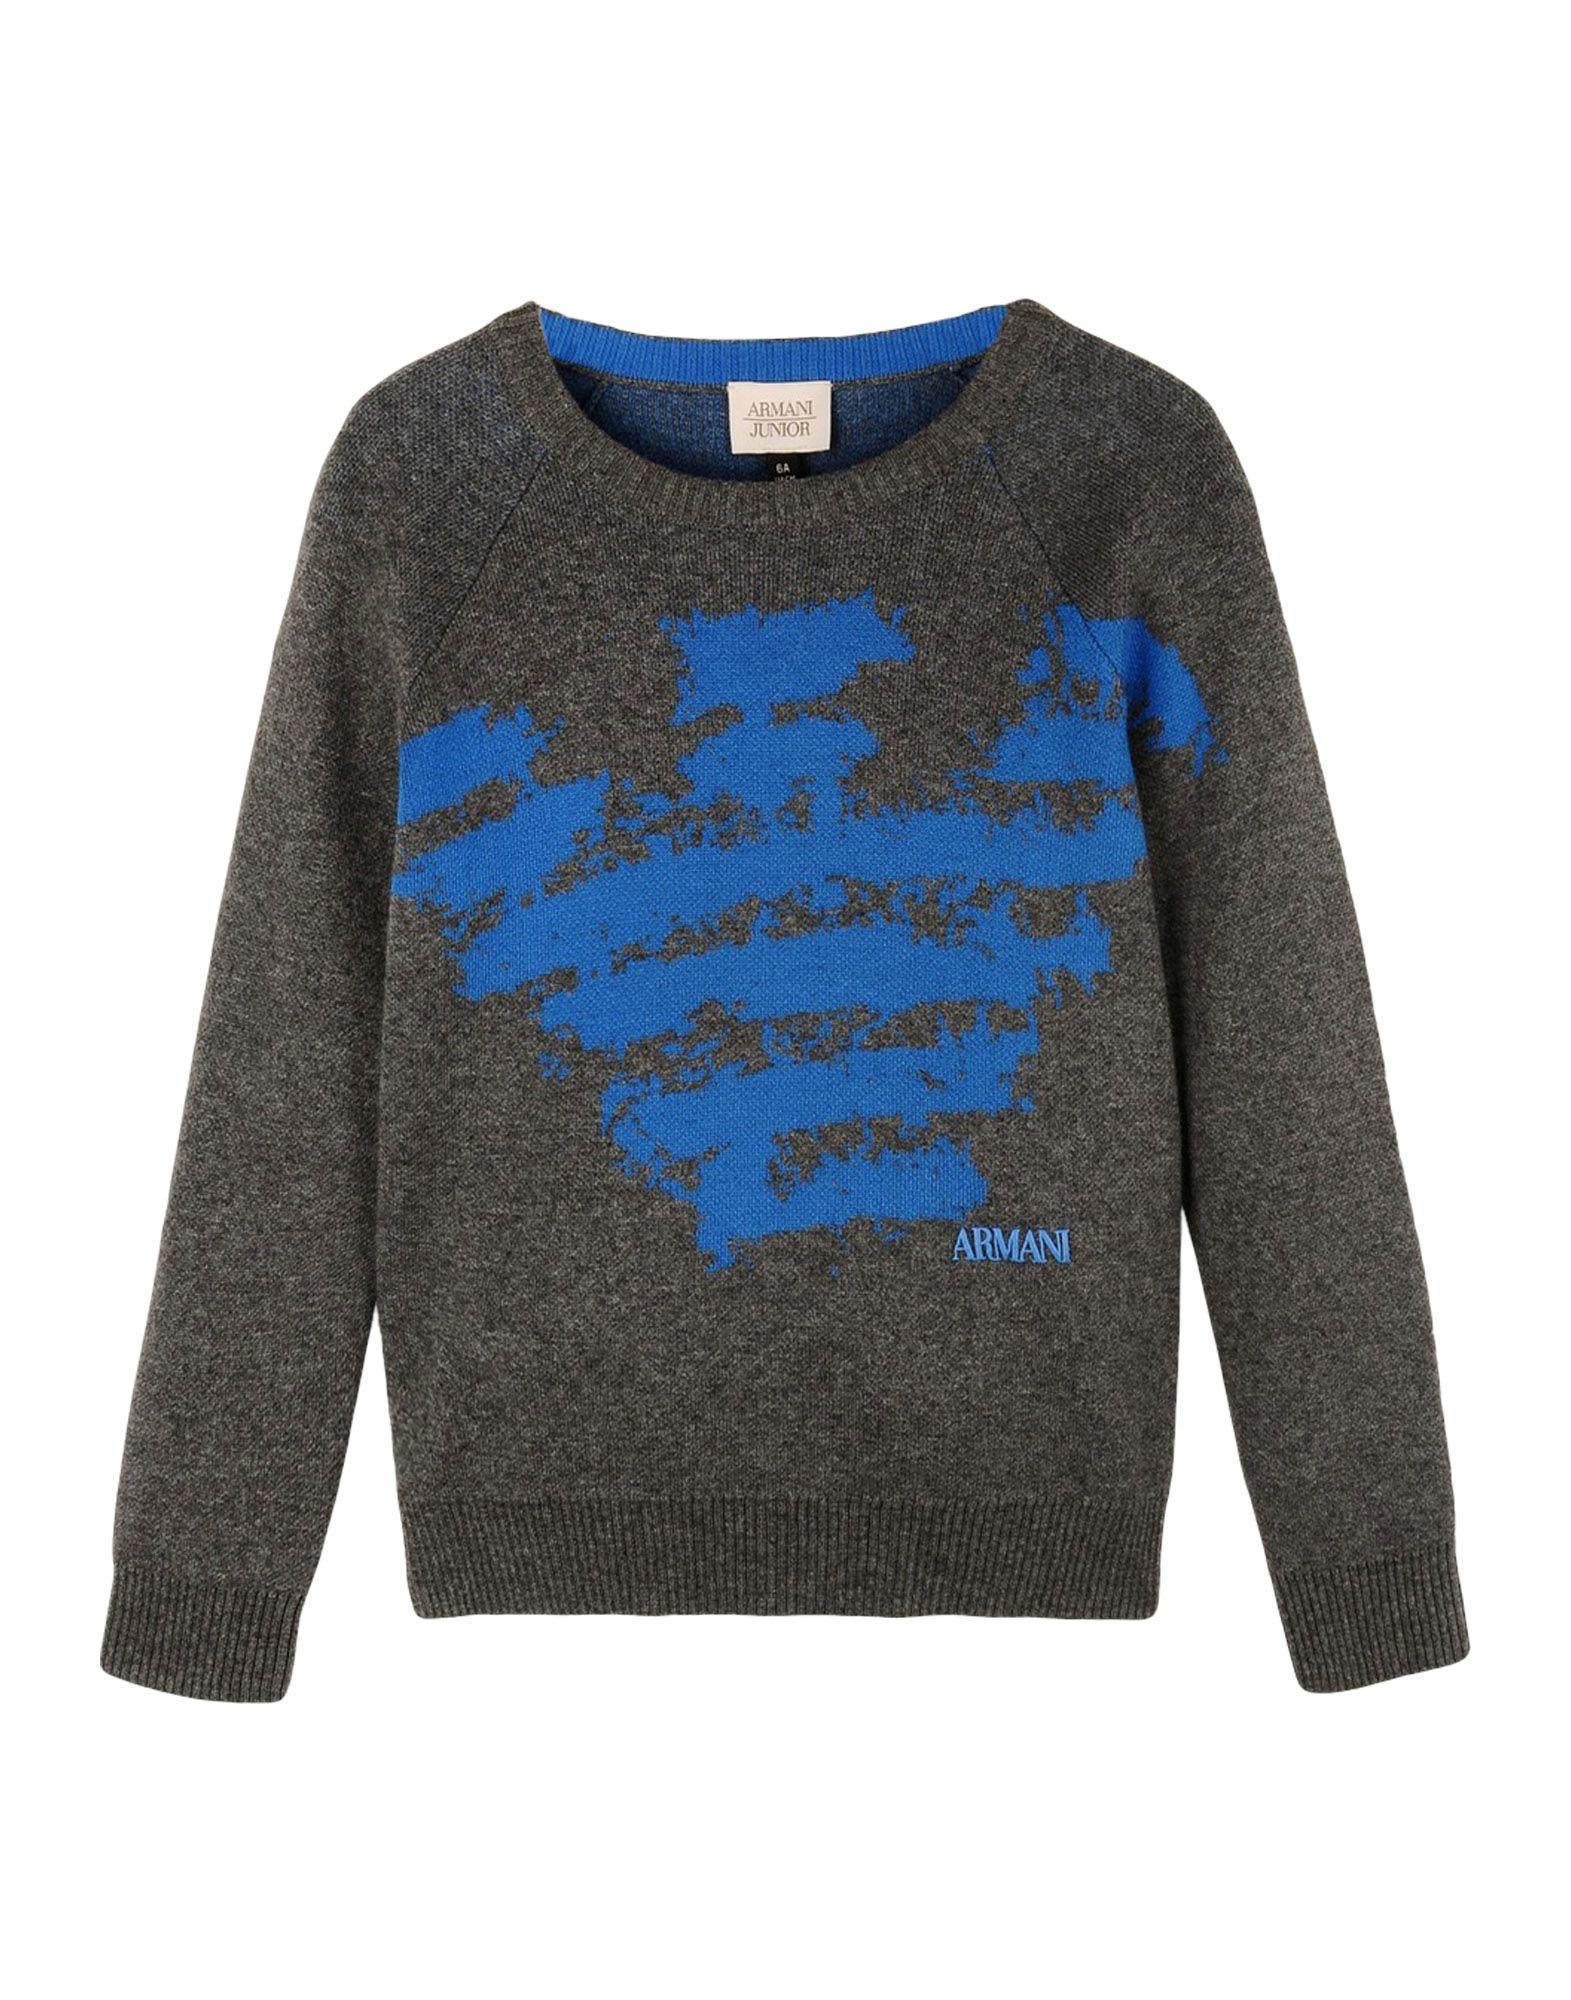 ARMANI JUNIOR Jungen 3-8 jahre Pullover Farbe Grau Größe 4